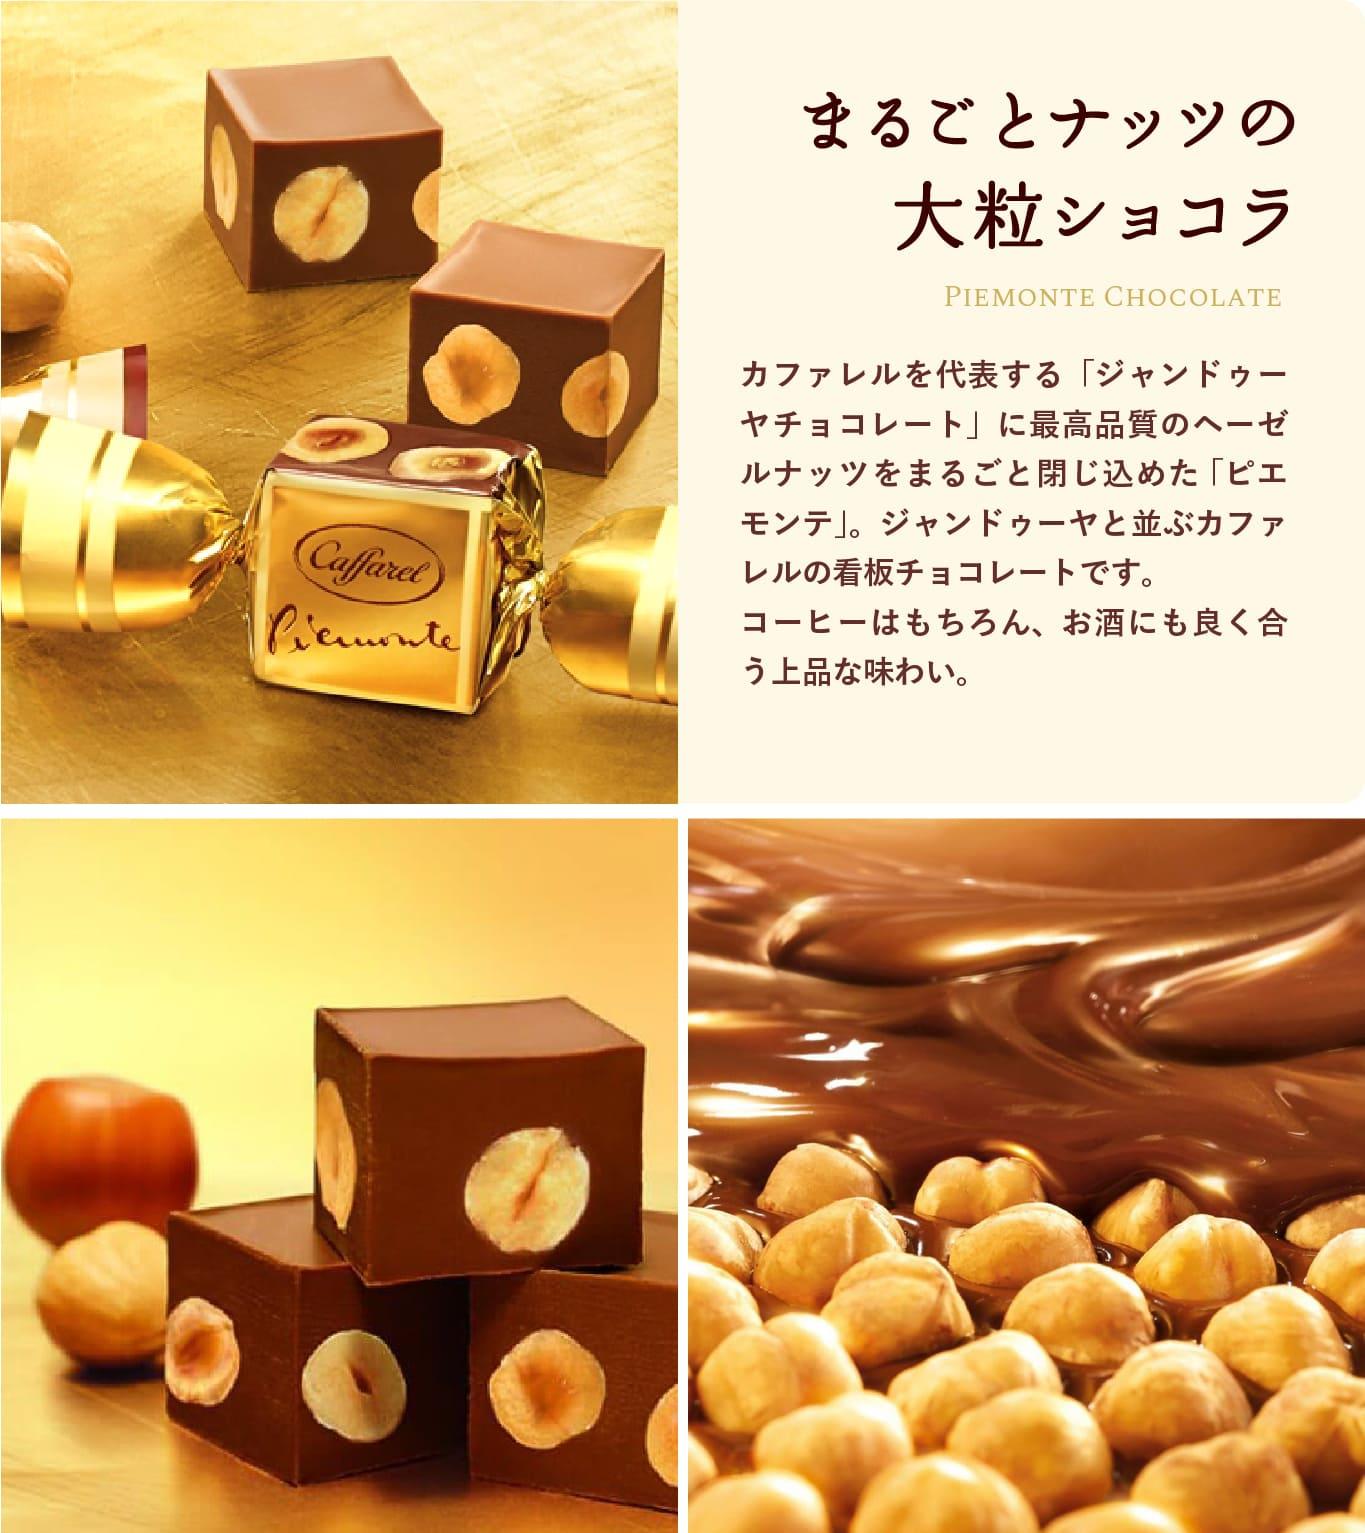 ヘーゼルナッツのチョコレートはピエモンテ